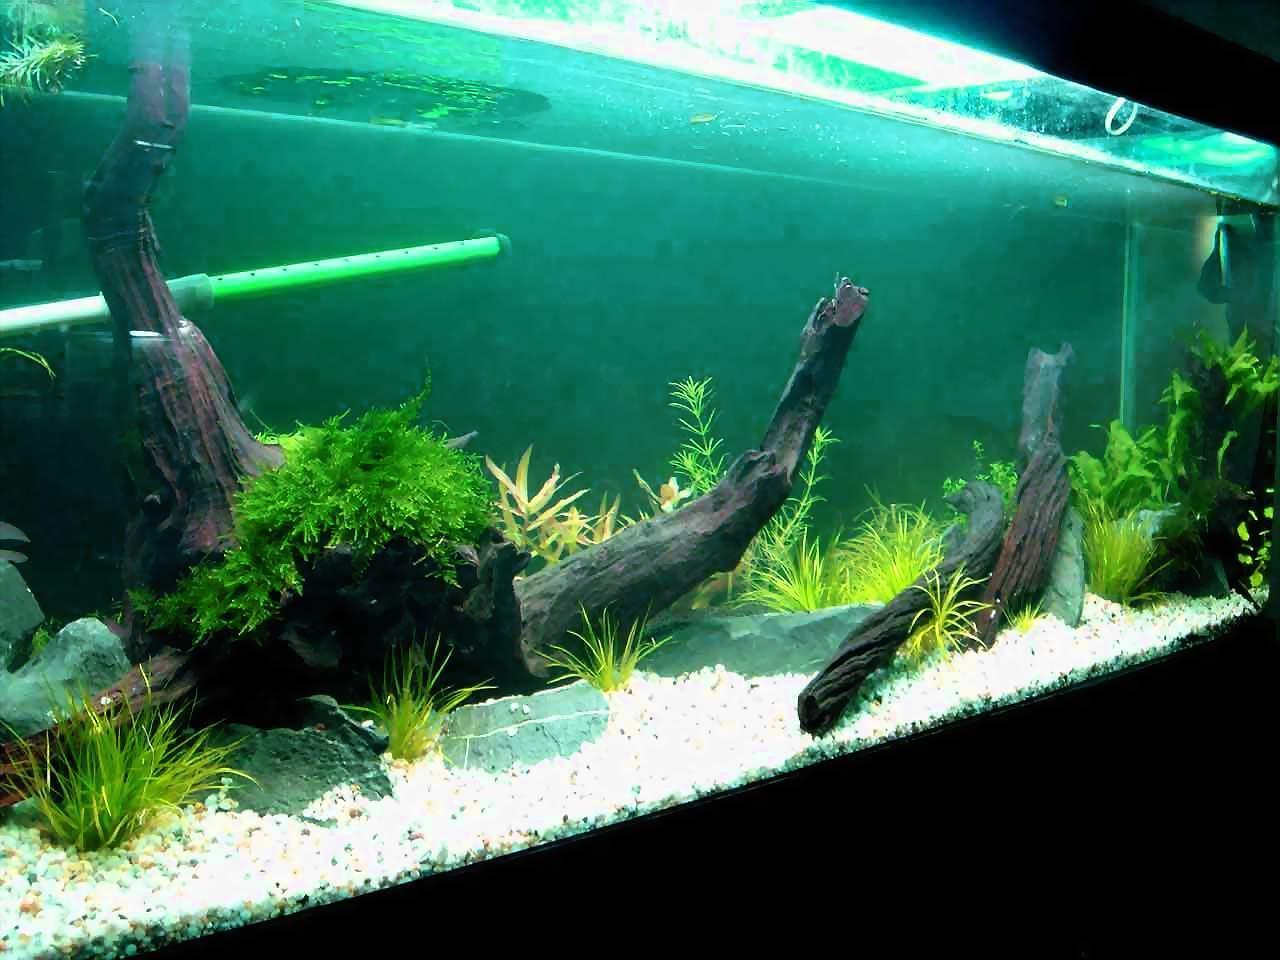 壁纸 动物 水草 水生植物 鱼 鱼类 1280_960